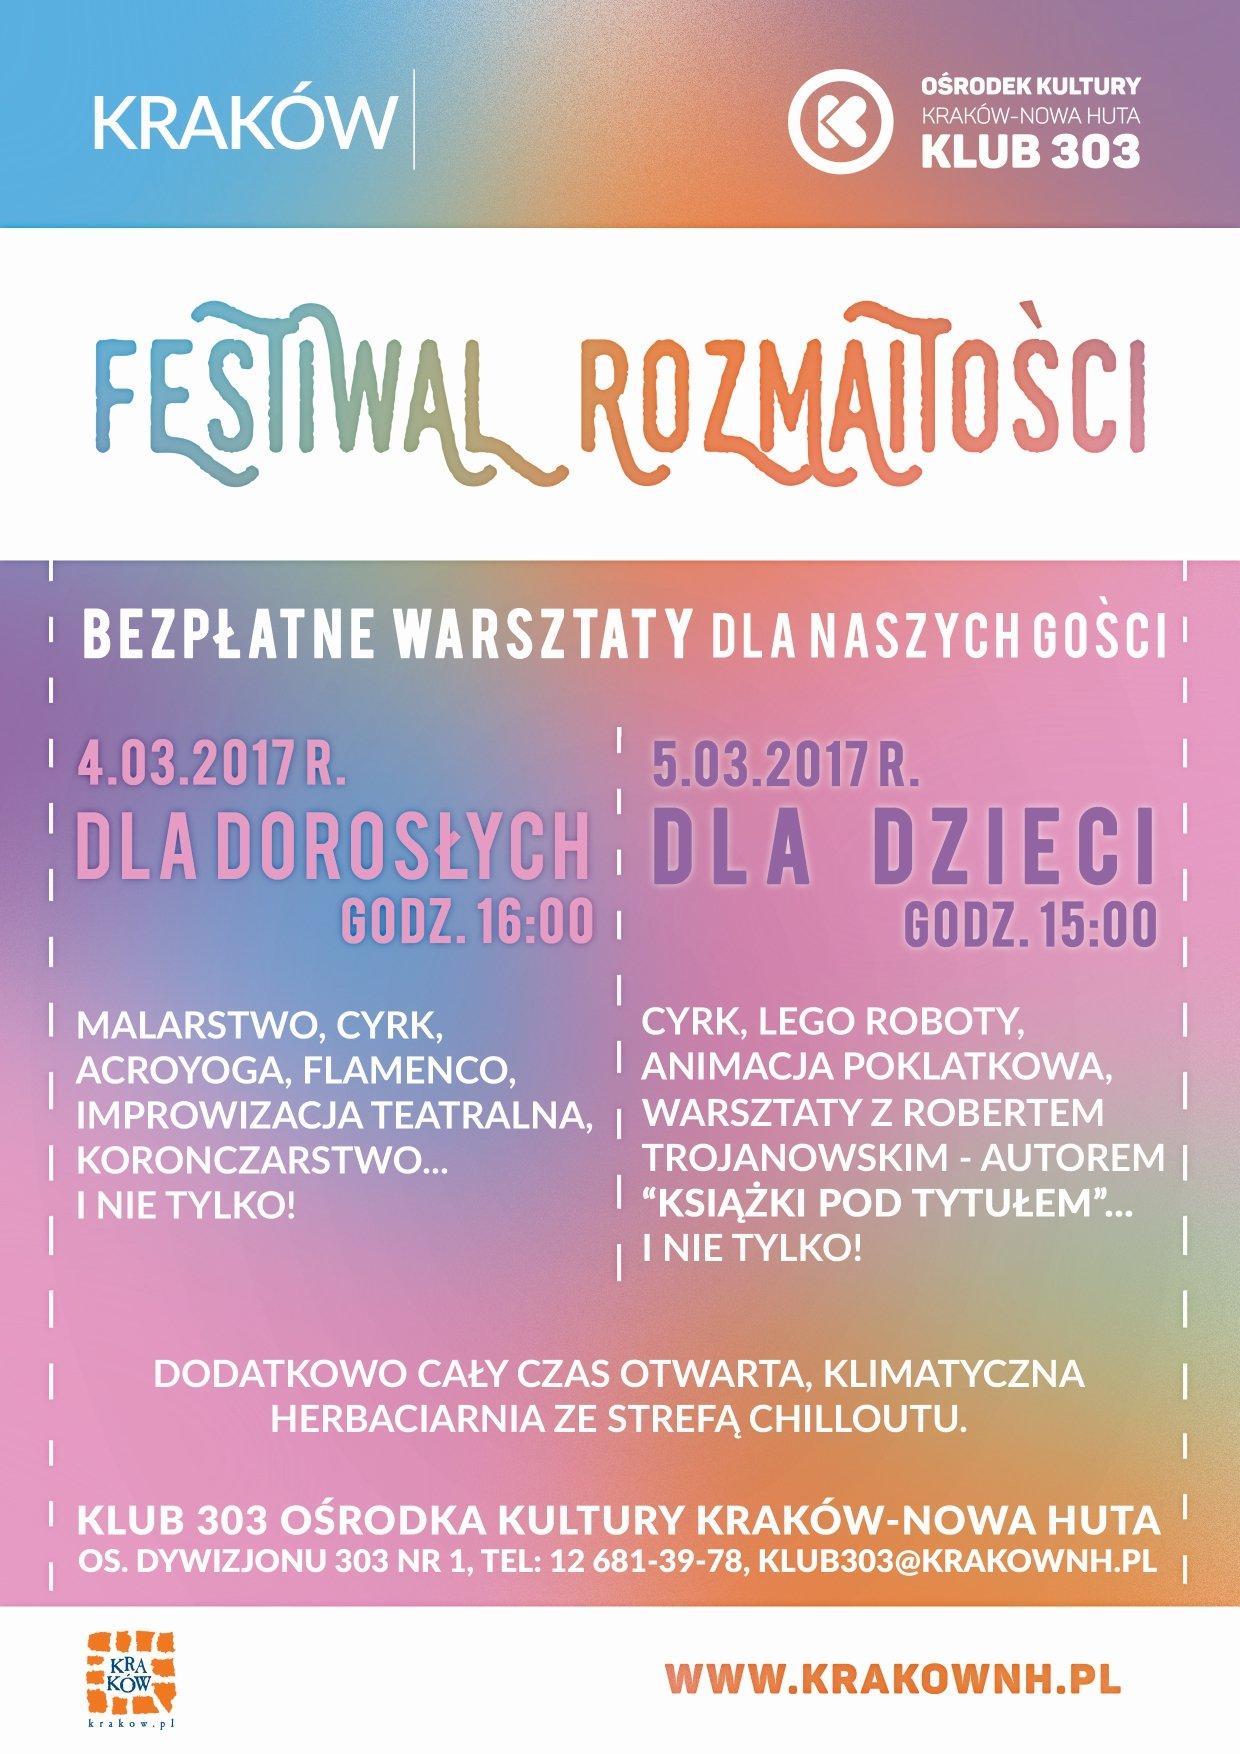 Festiwal Rozmaitości w Klubie 303